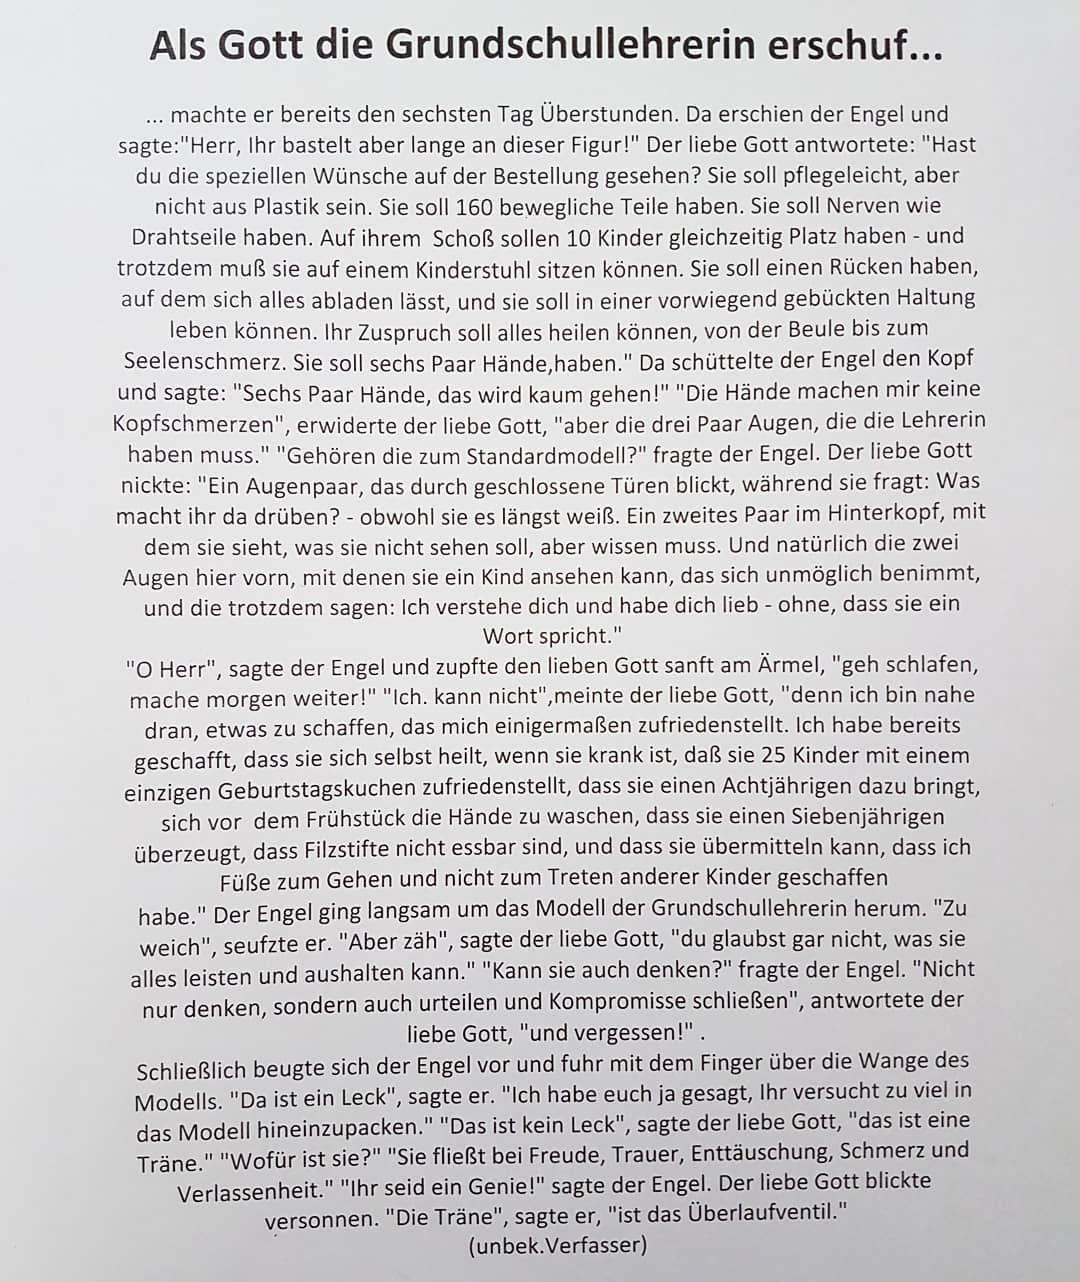 Als Gott Die Grundschullehrerin Erschuf Diesen Text Hat Uns Unsere Lehrbeauftragte Im Deutsch Seminar Vorgelesen Das Wort Bzw Der Text Zum Sonntag Wa